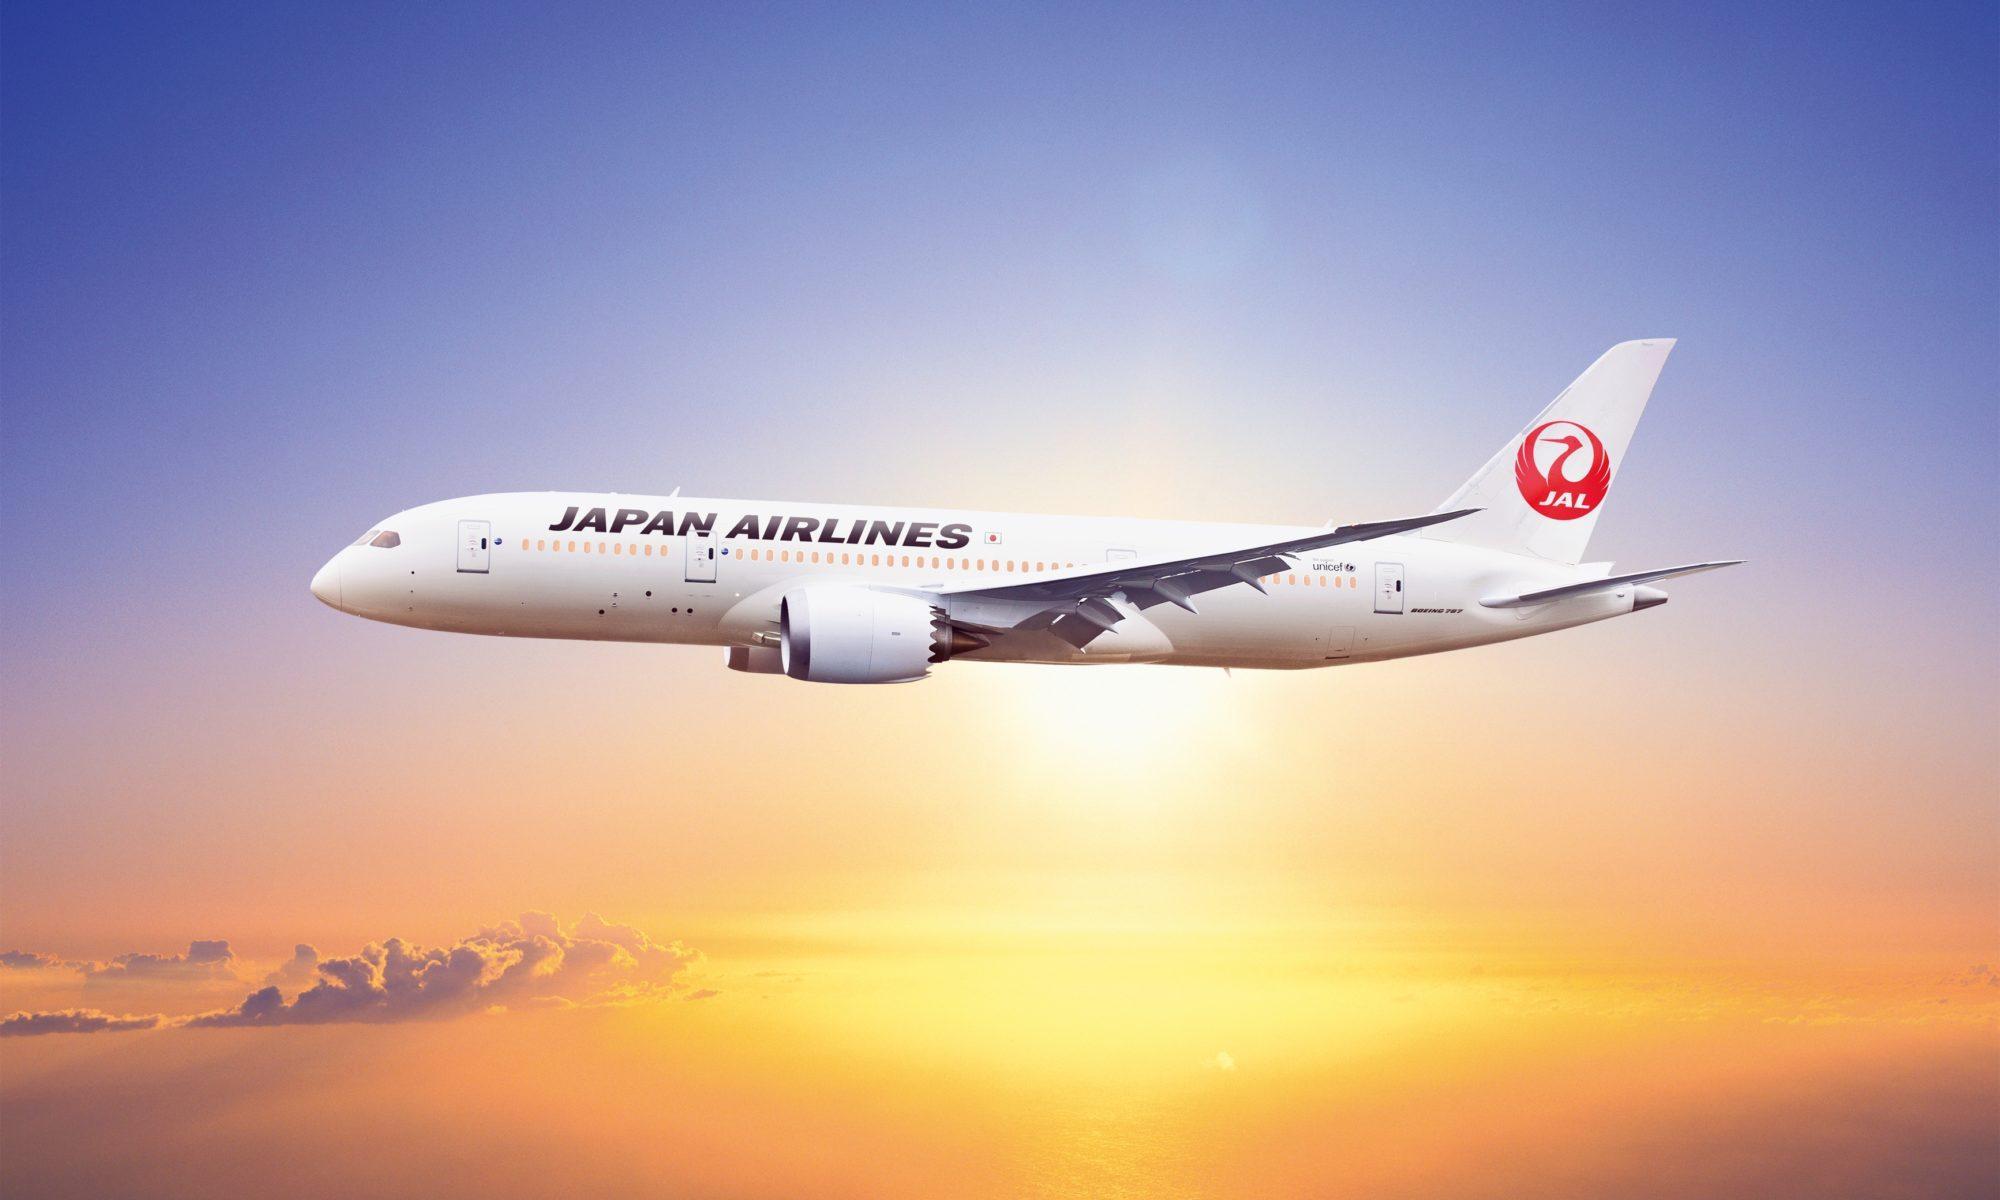 直升飞机图片_去日本的话,你们选择全日空还是日本航空? - 知乎